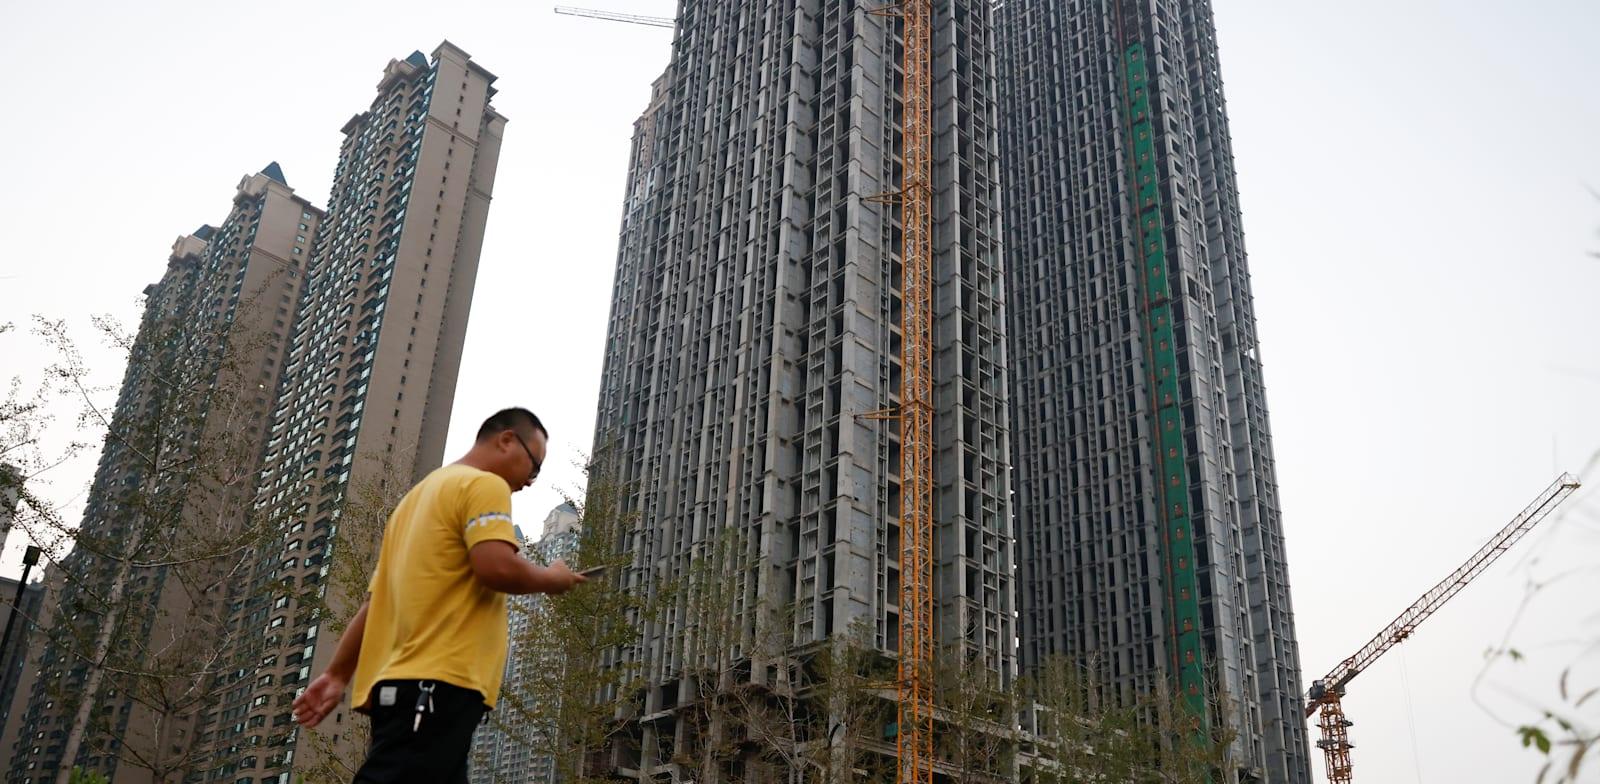 פרויקט של אוורגרנד בבנייה בסין / צילום: Reuters, Carlos Garcia Rawlins